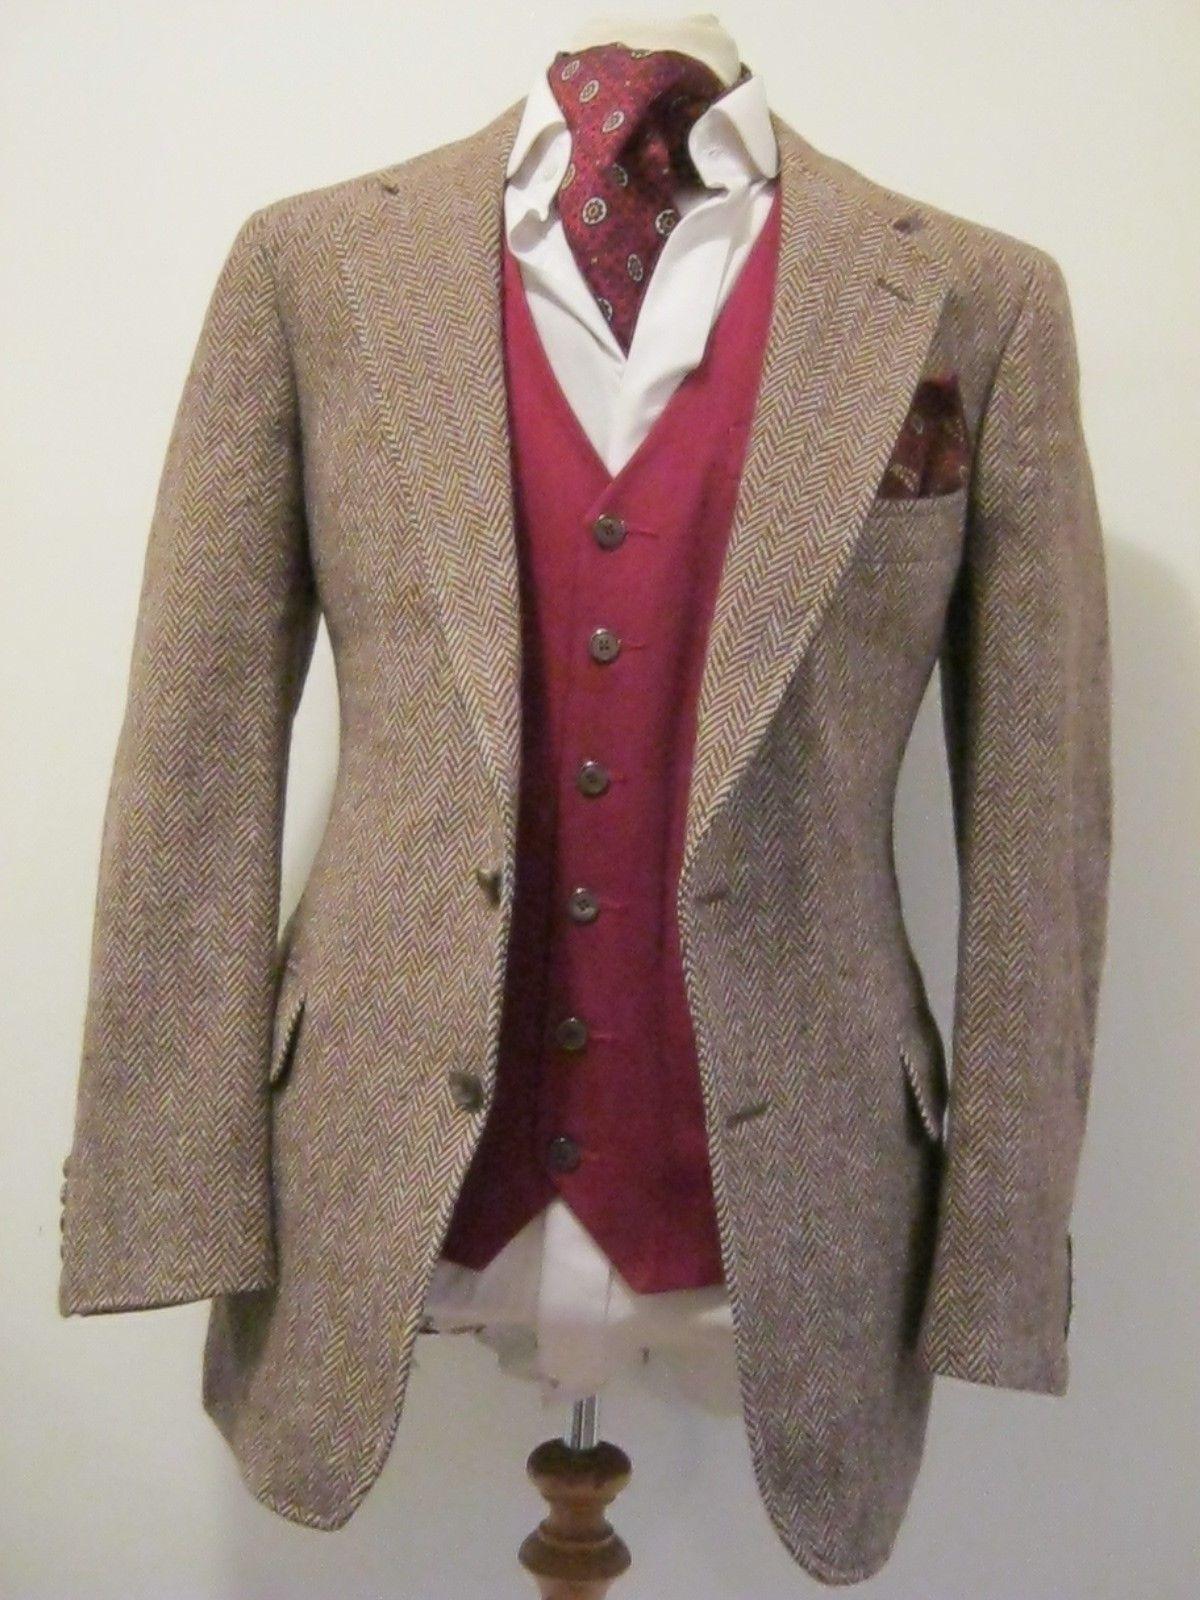 Ralph Lauren Mens Vtg Brown Herringbone British Tweed Sports Jacket Blazer 42 034 Ebay Blazer Sports Jacket Ralph Lauren Men